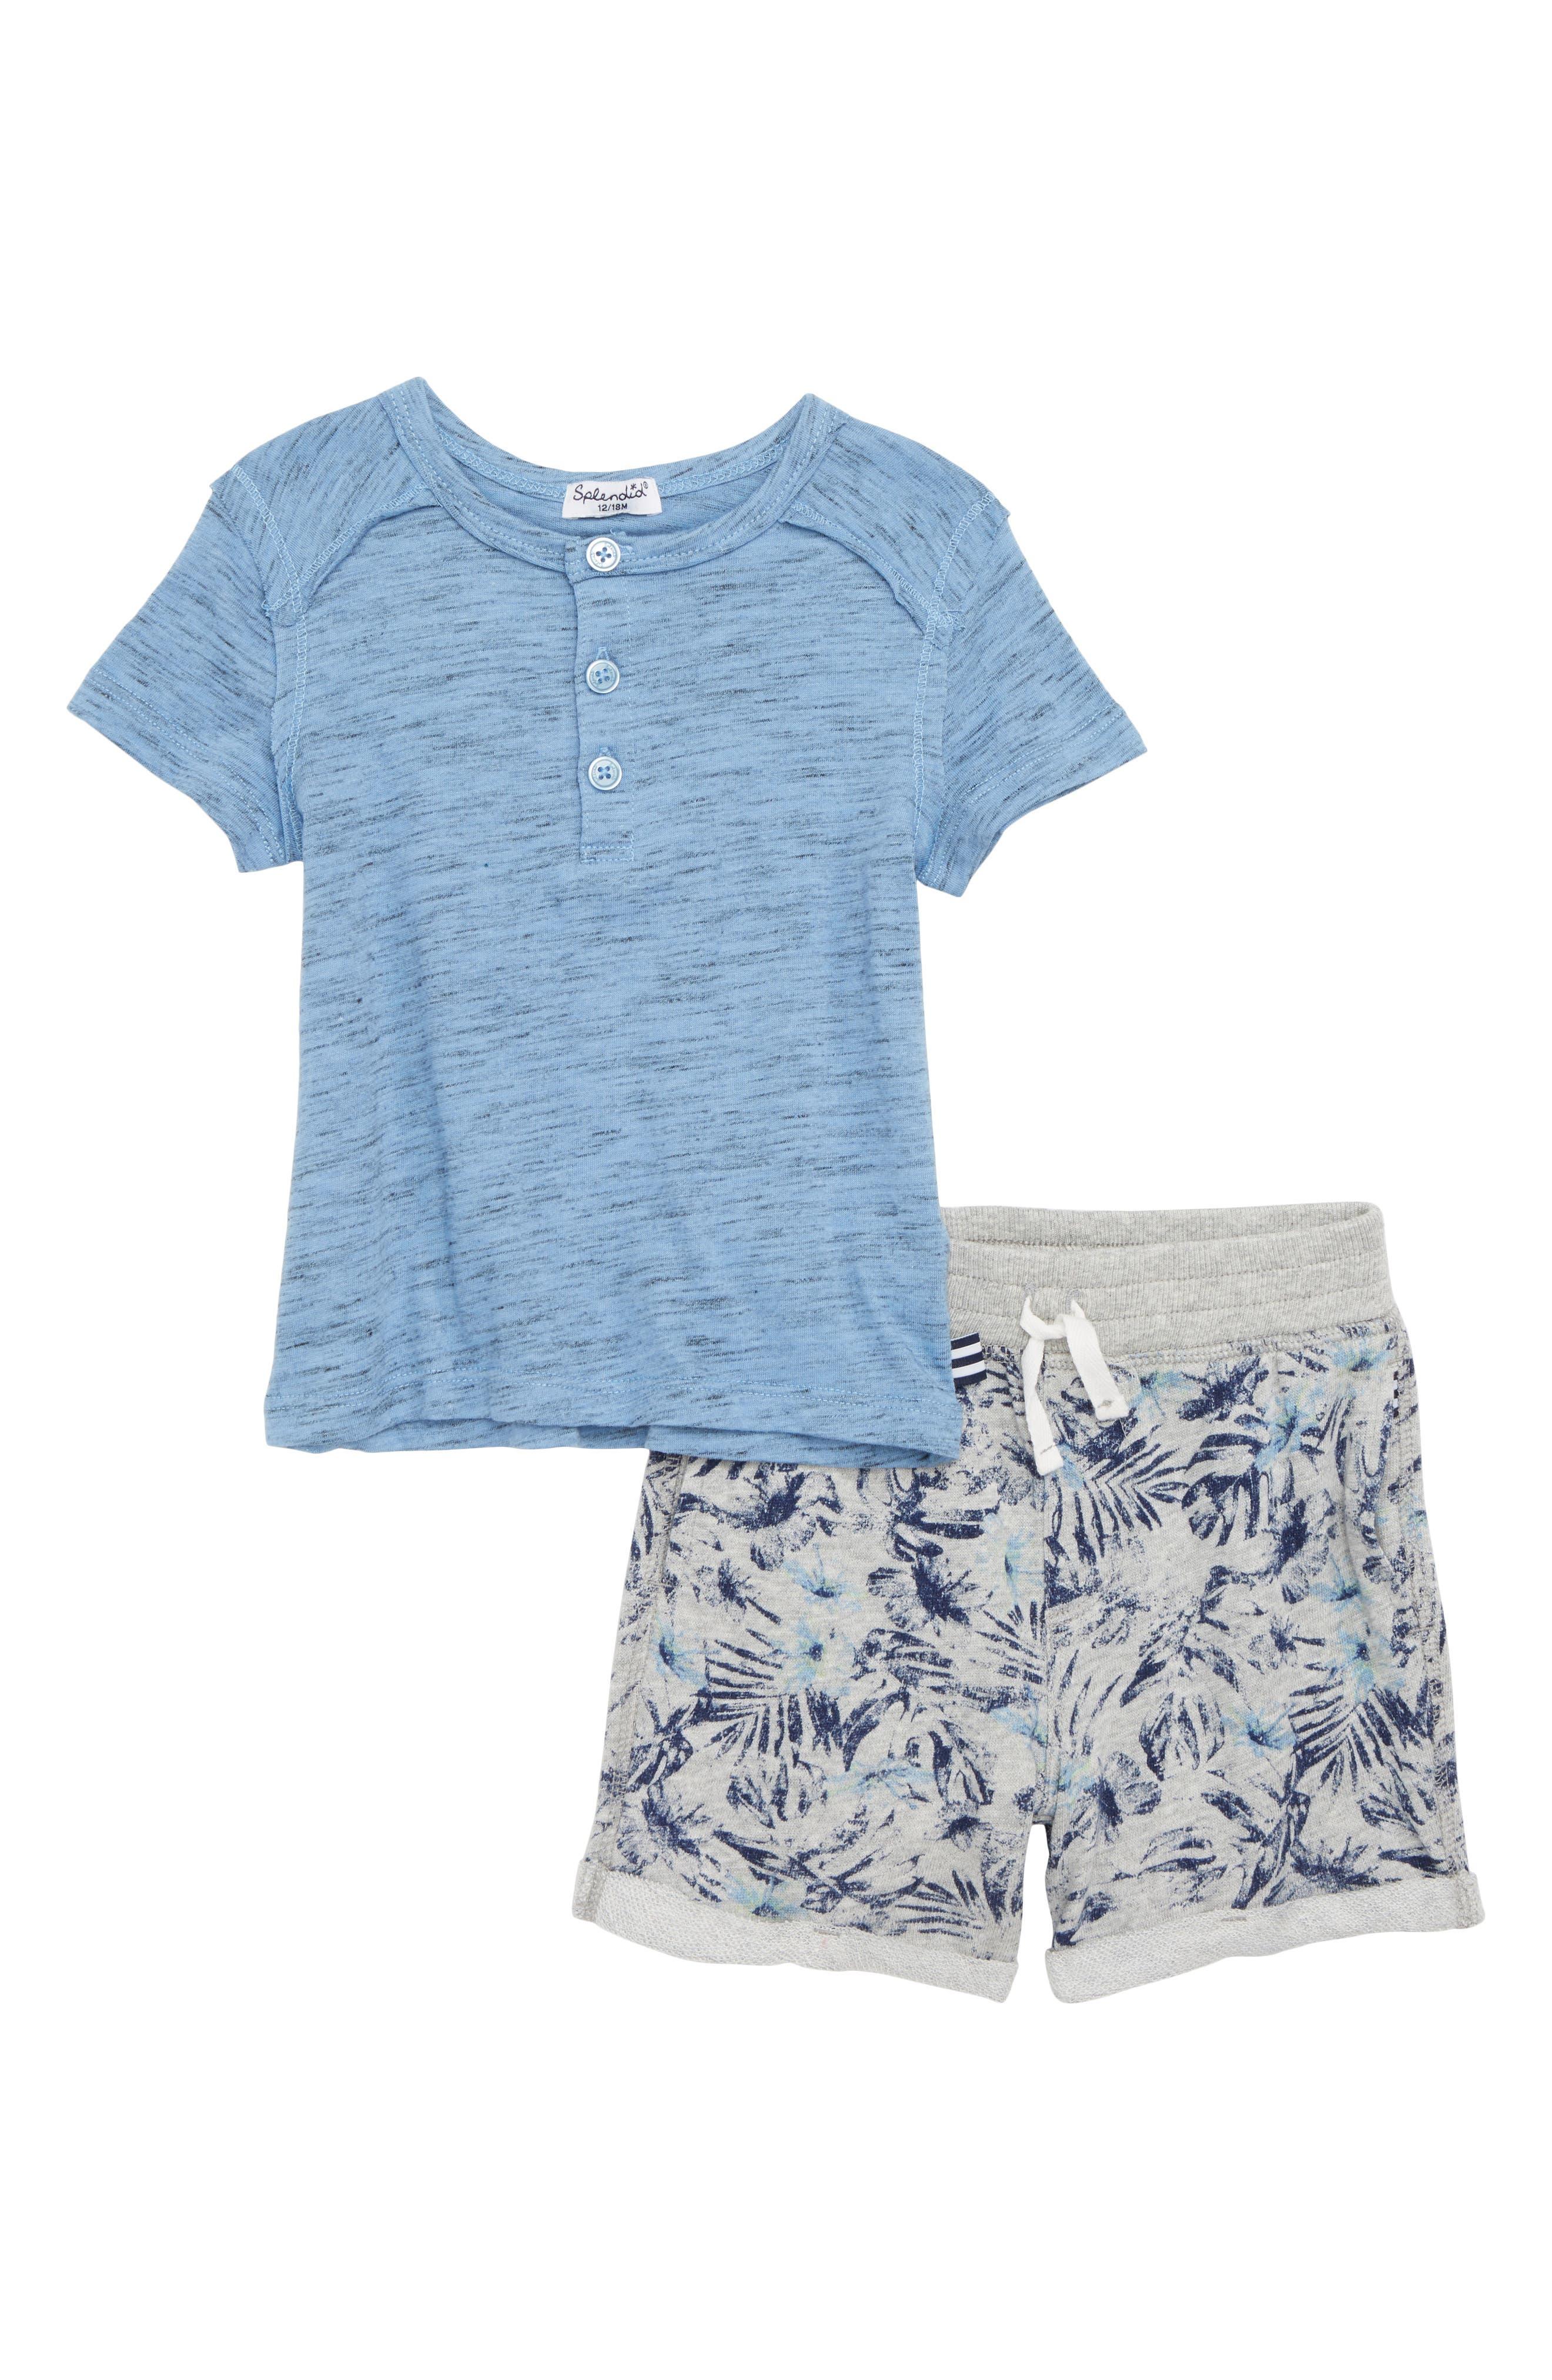 Henley T-Shirt & Print Shorts,                             Main thumbnail 1, color,                             430